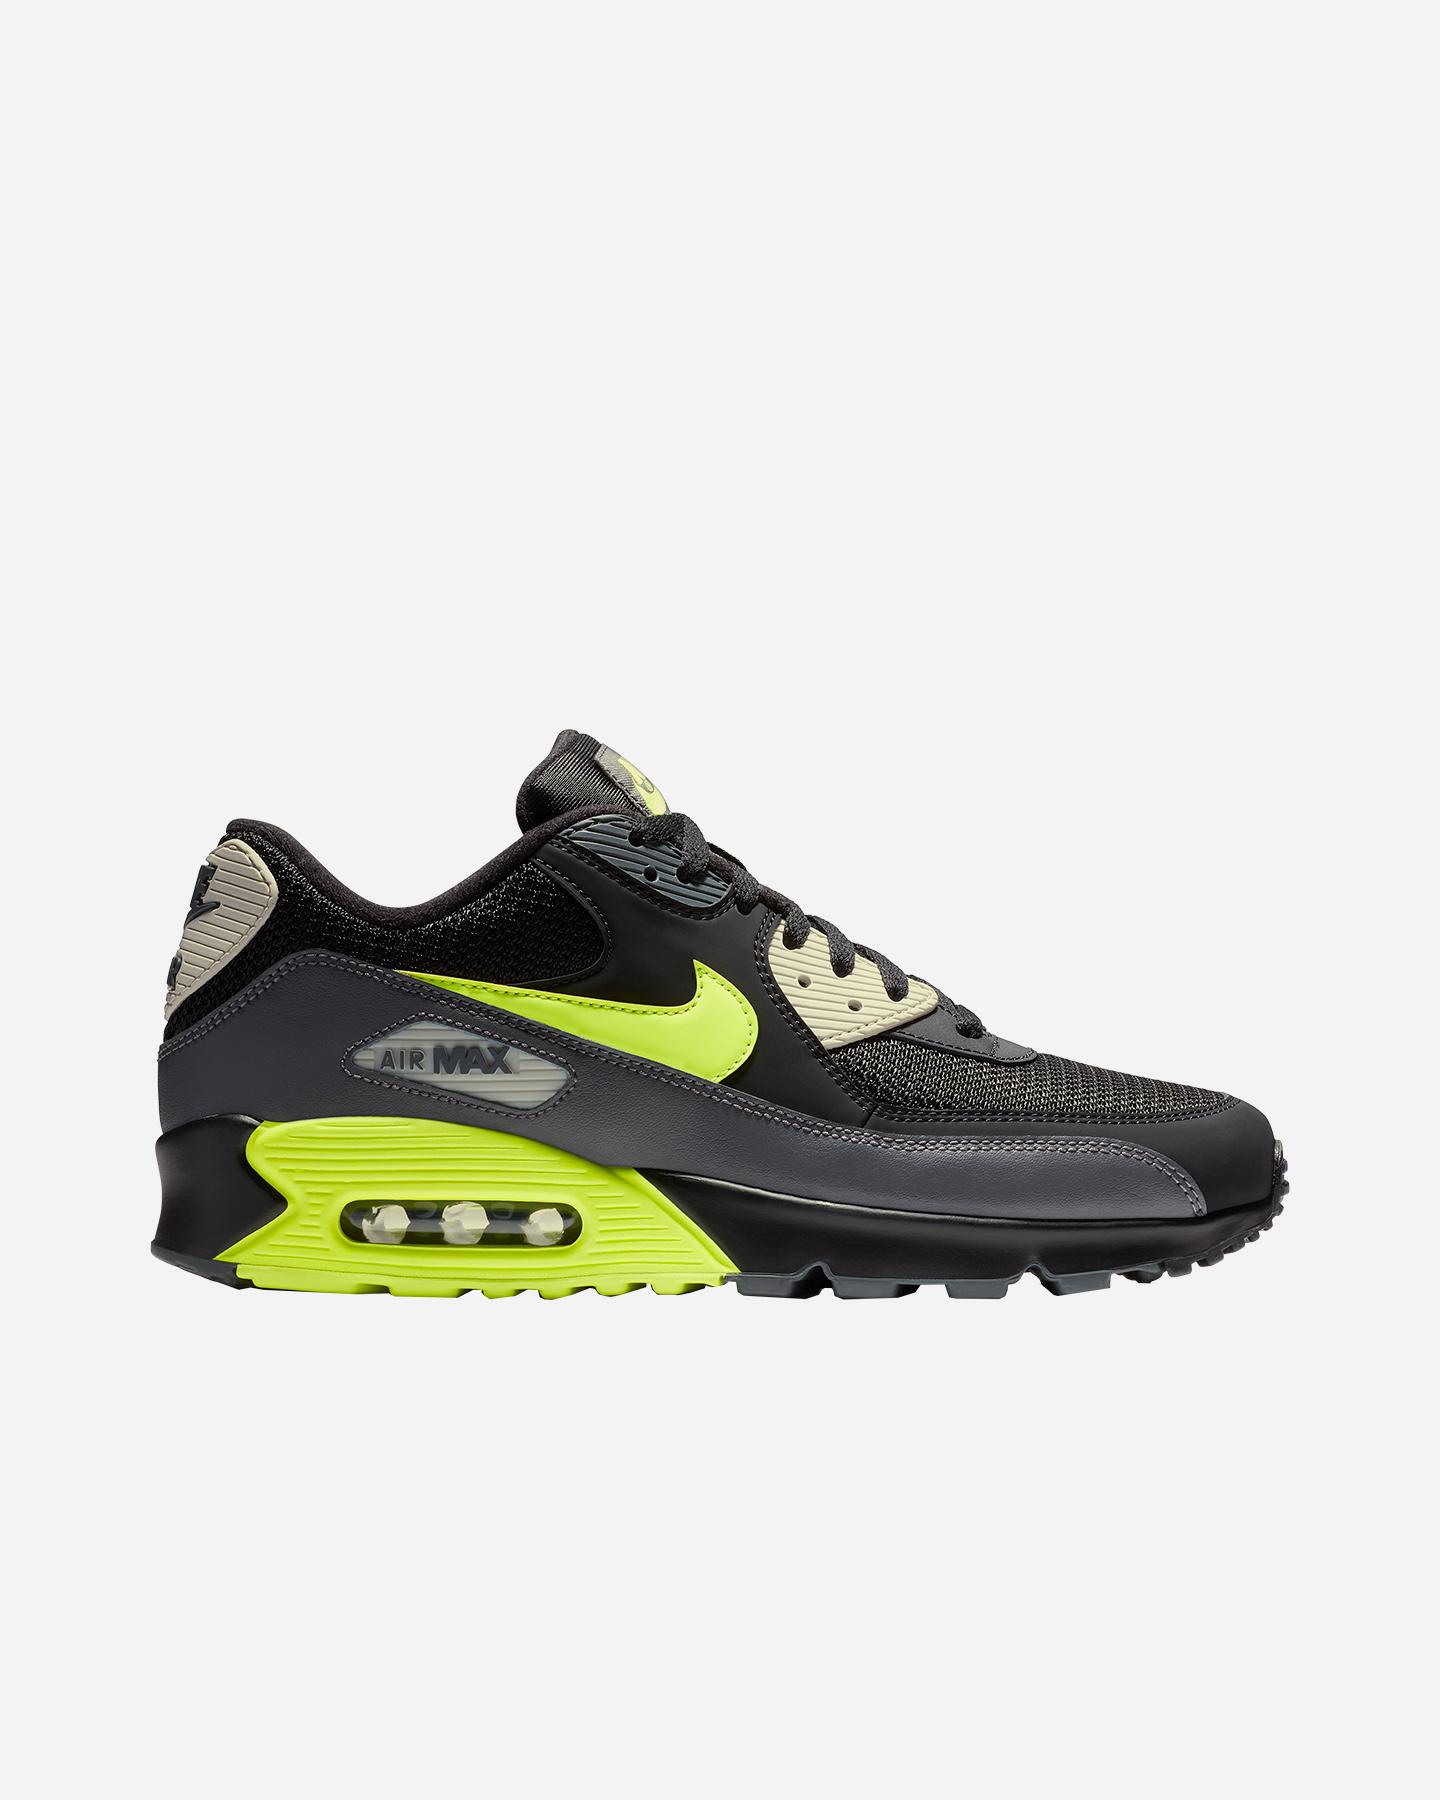 scarpe air max 90 essential